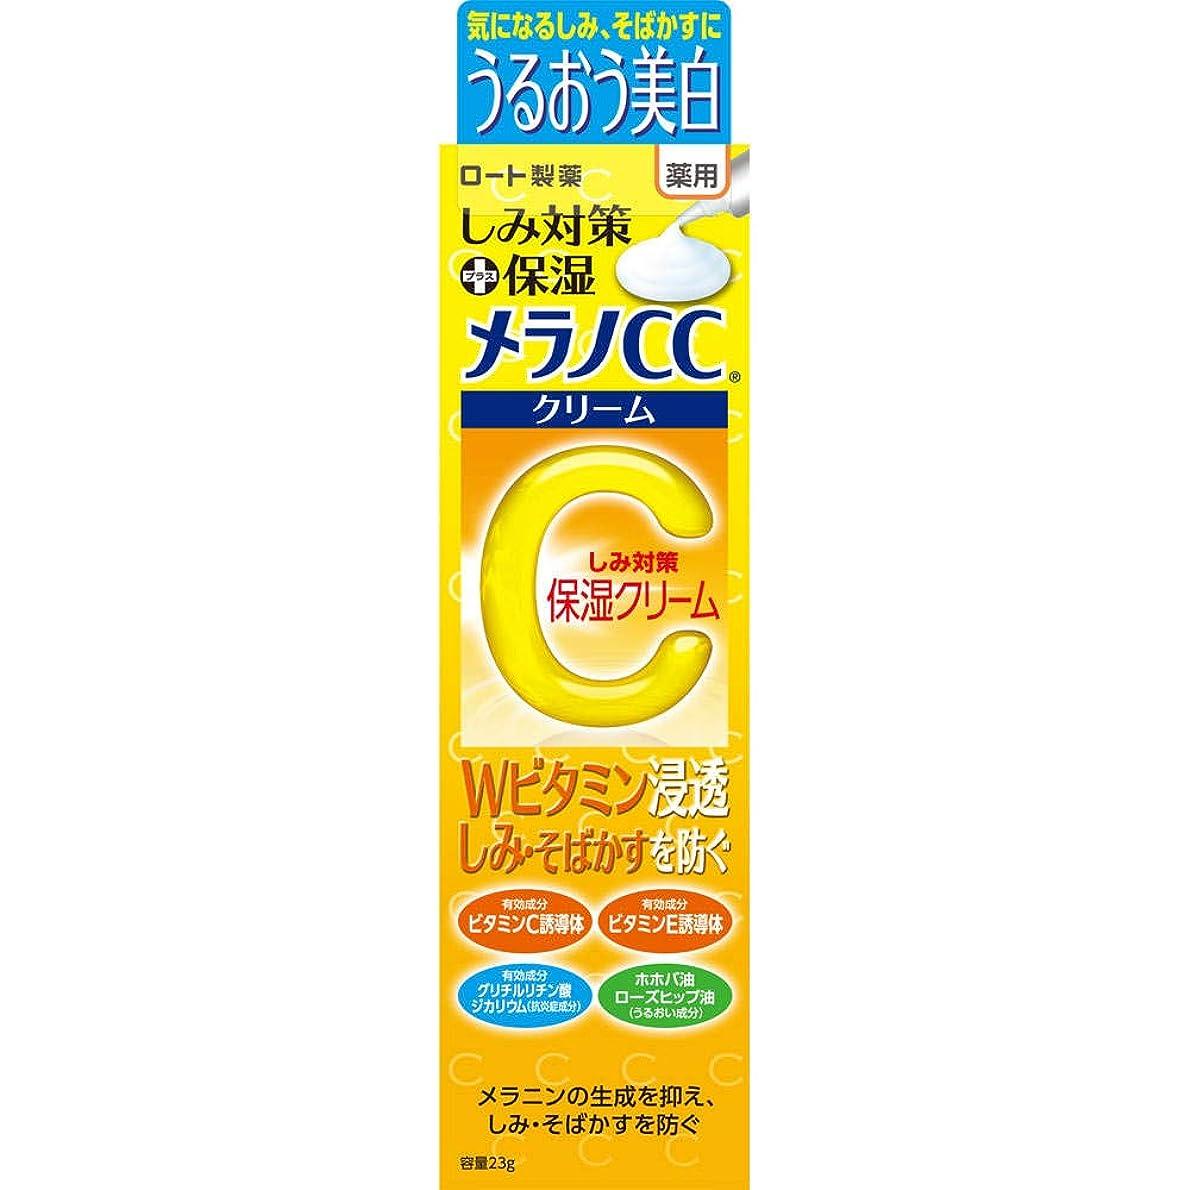 理解リア王涙メラノCC 薬用しみ対策 保湿クリーム 23g